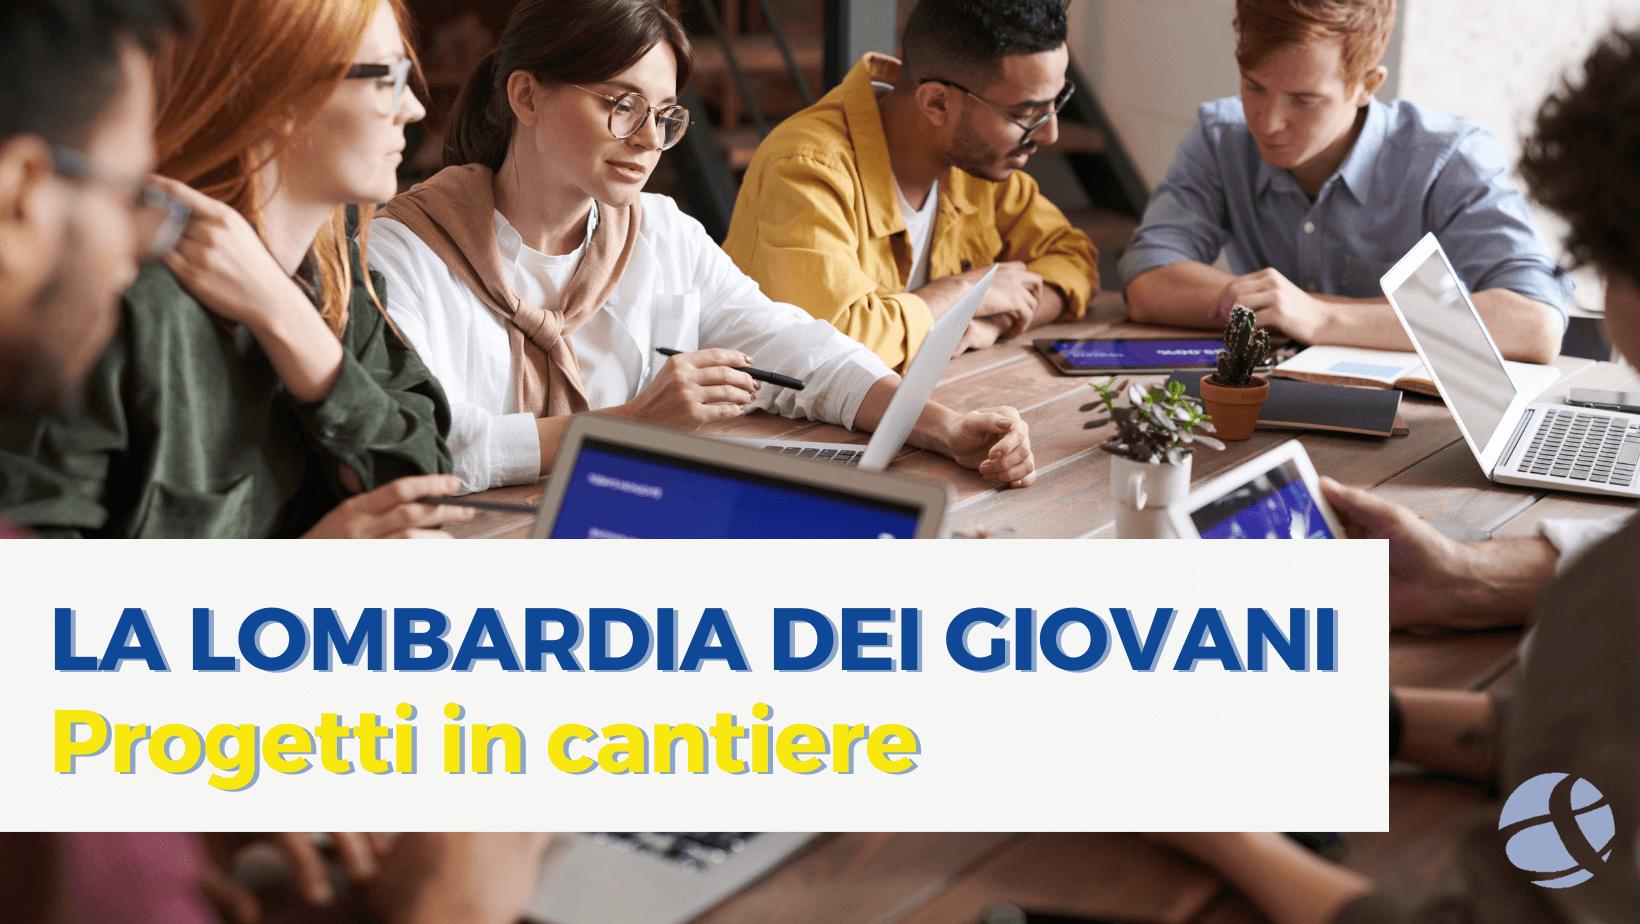 Bando La Lombardia dei giovani: progetti in cantiere